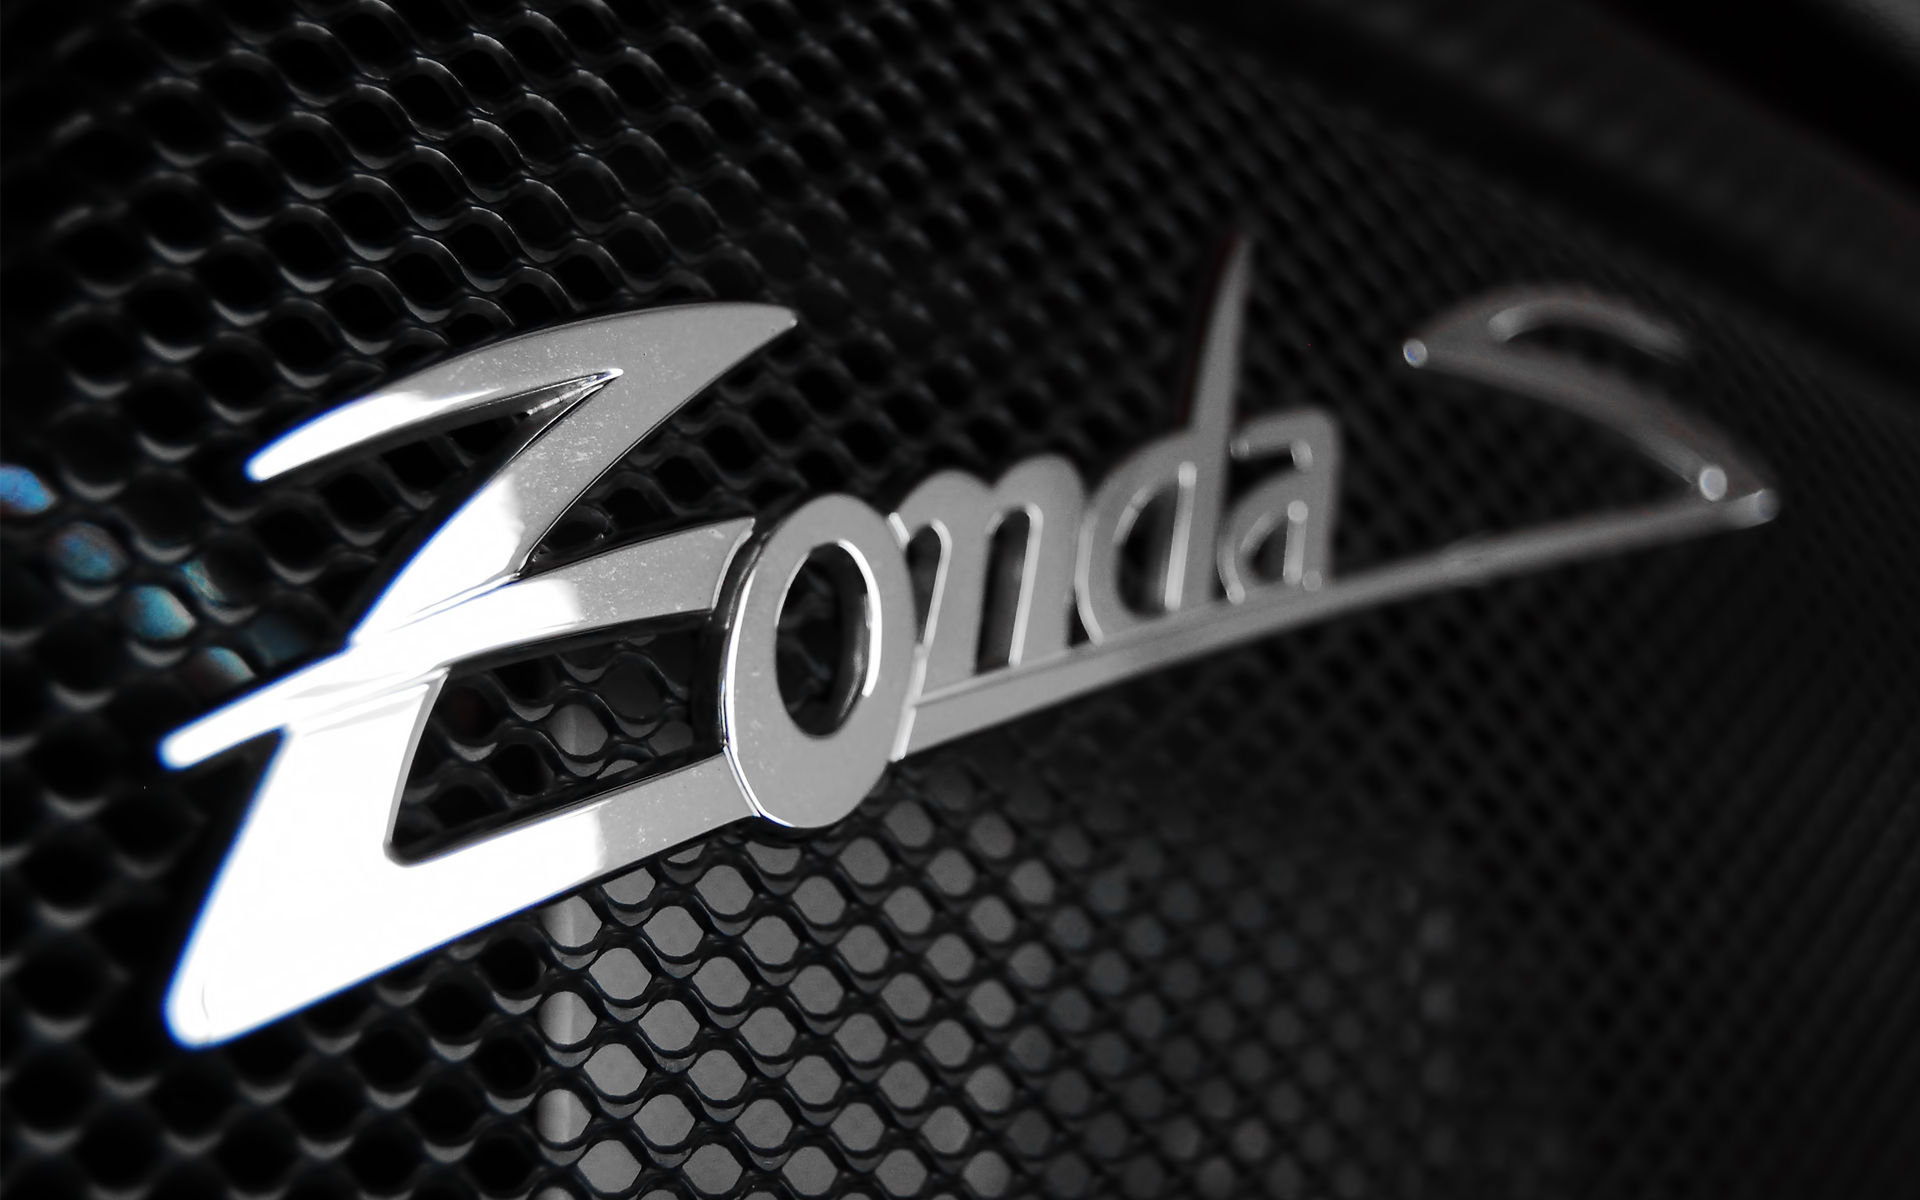 Pagani Zonda Logo Wallpaper 59092 1920x1200px 1920x1200